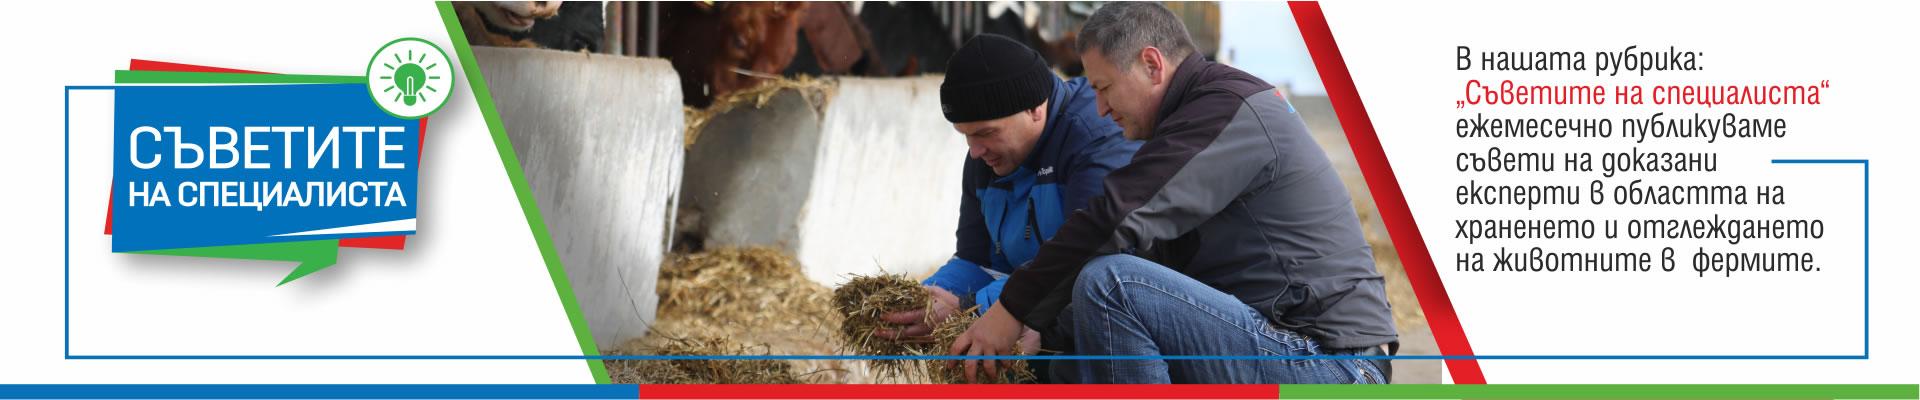 В нашата рубрика Съветите на специалиста ежемесечно публикуваме съвети на доказани експерти в областта на храненето и отглеждането на животните във фермите